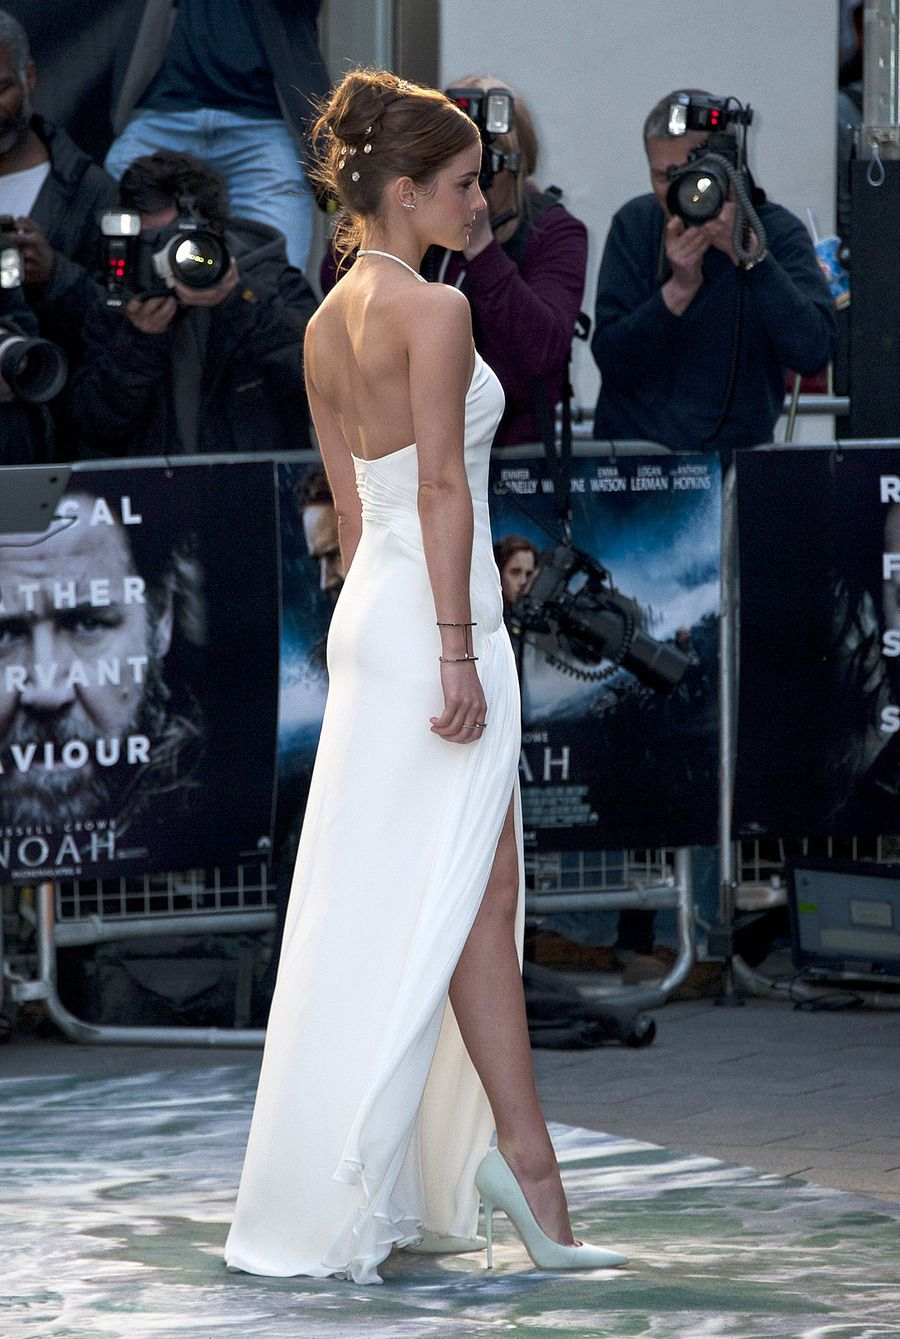 White dress emma watson - Emma Watson White Dress Hot Body Noah Premiere Sweet Baby Jesus Dat Profile Imgur